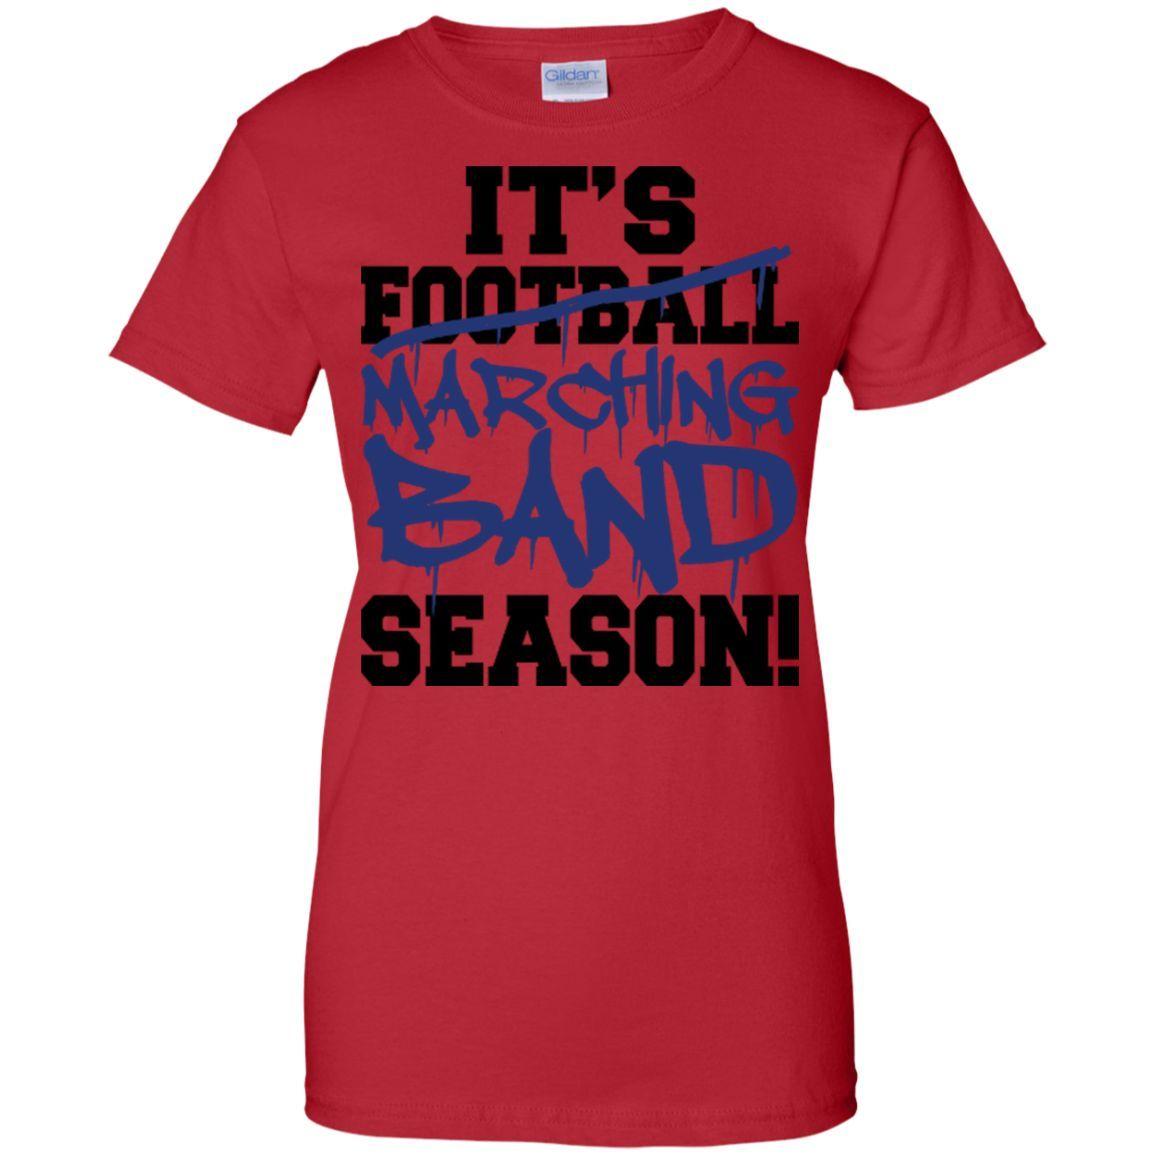 Marching Band Season T-Shirt Style 1